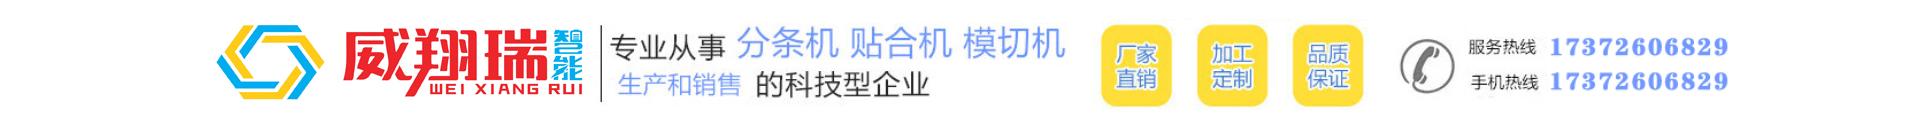 江蘇威翔瑞智慧設備科技有限公司